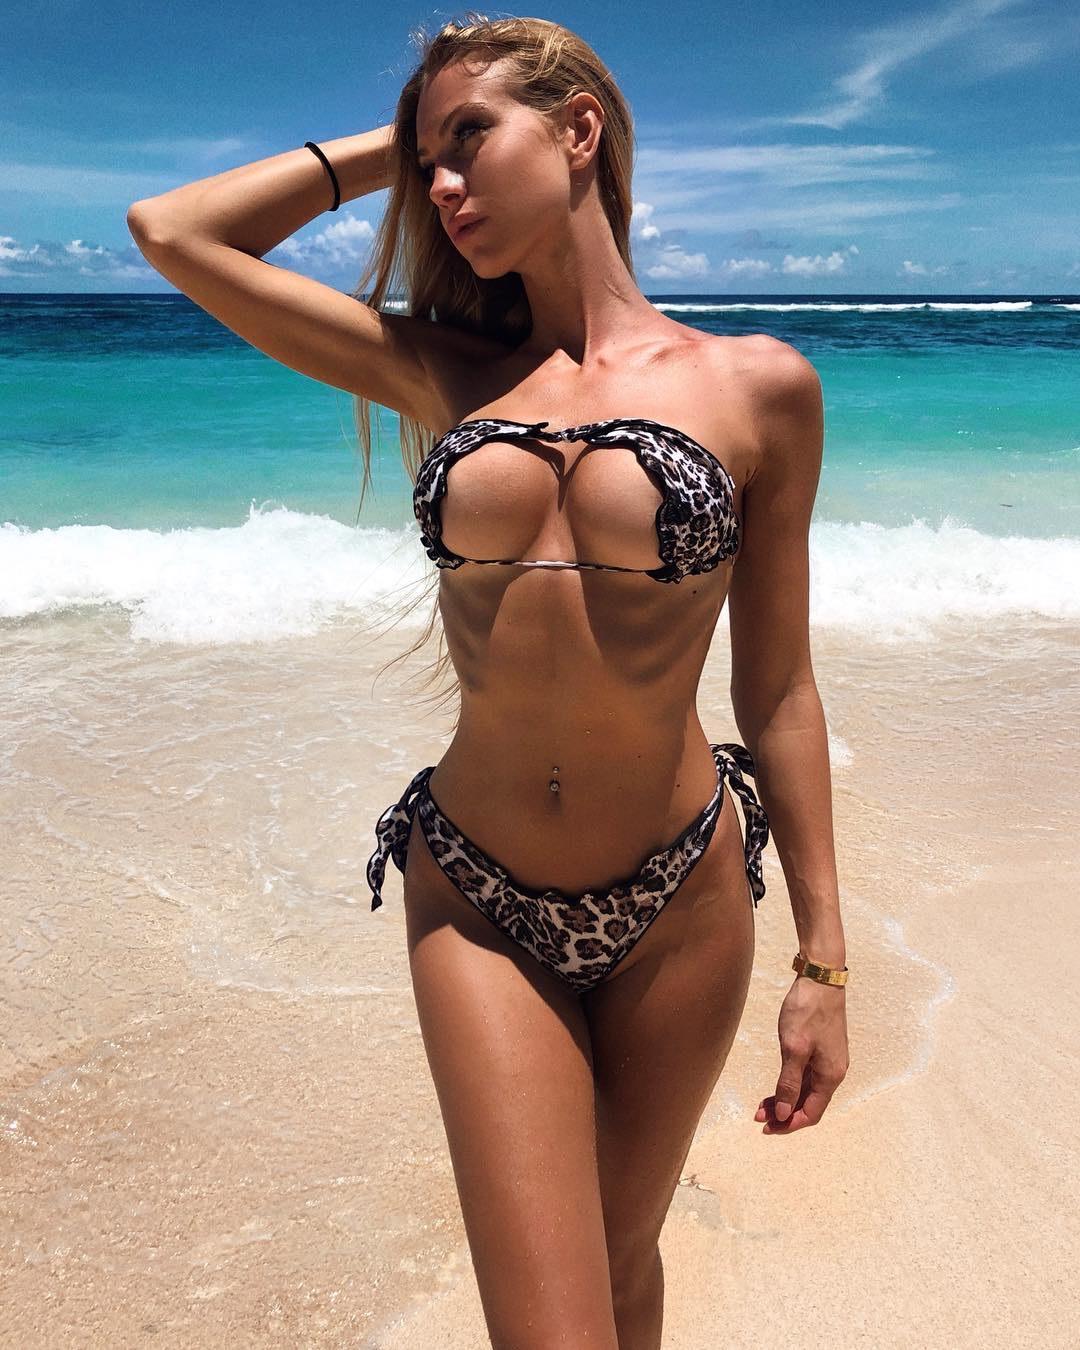 Model Leyla